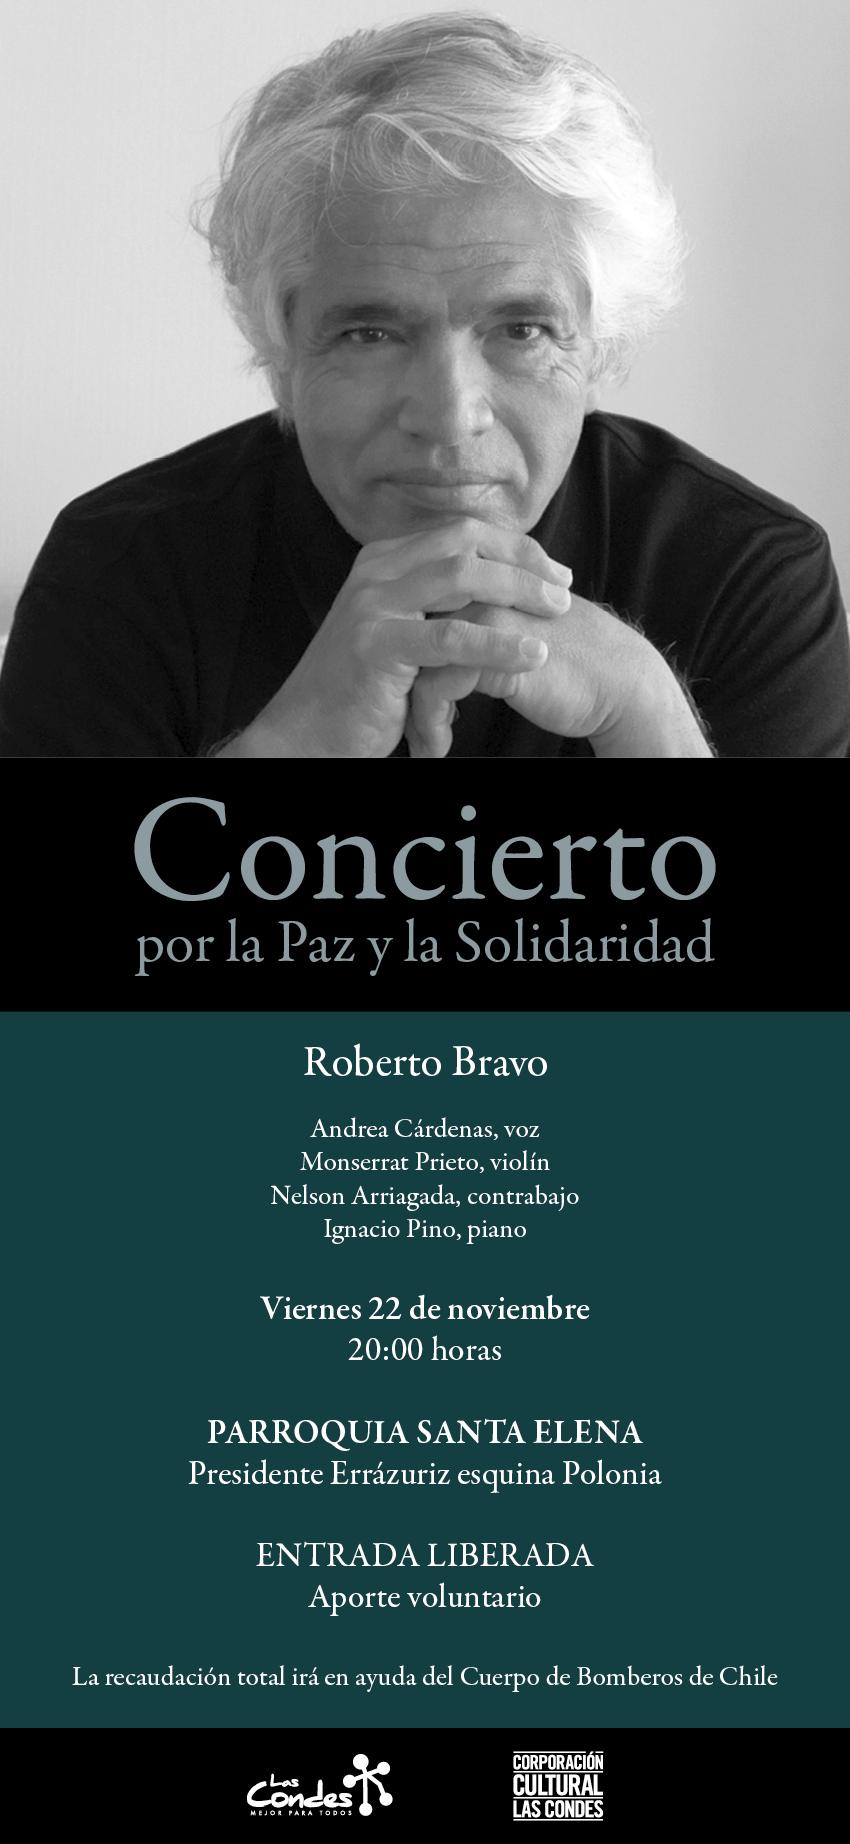 Concierto Roberto Bravo